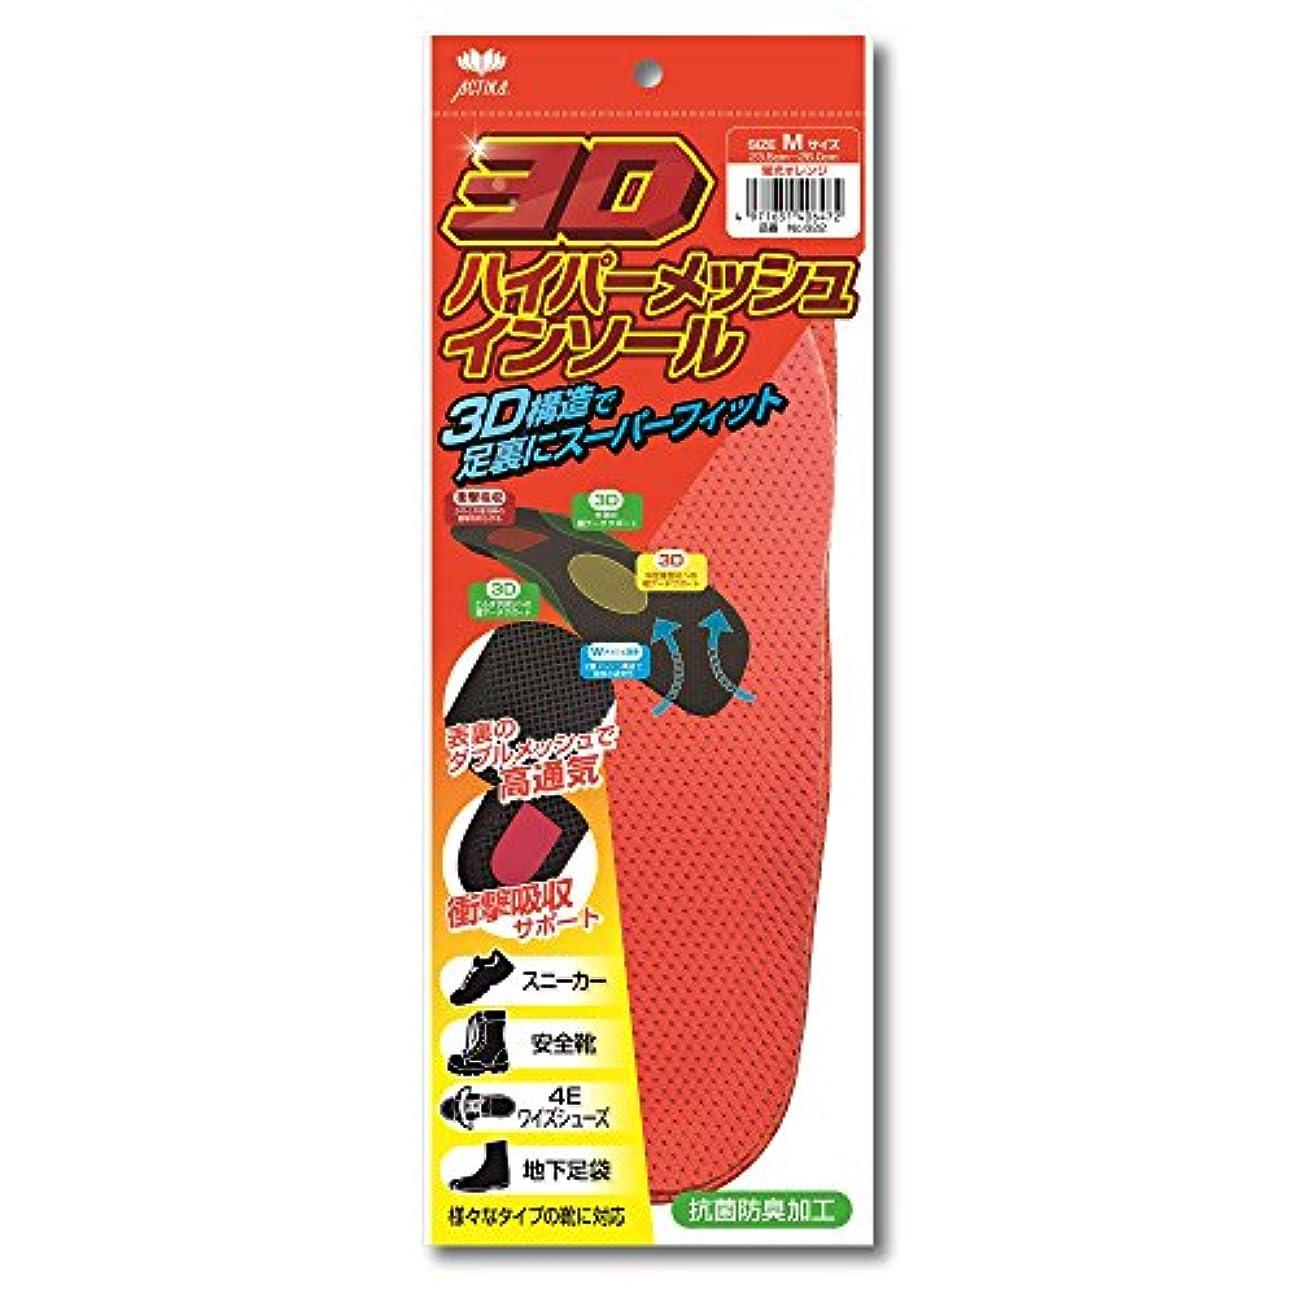 節約正当なブリリアントアクティカ 3Dハイパーメッシュインソール オレンジ 男性用 No.622 L(26.0~28.0cm)